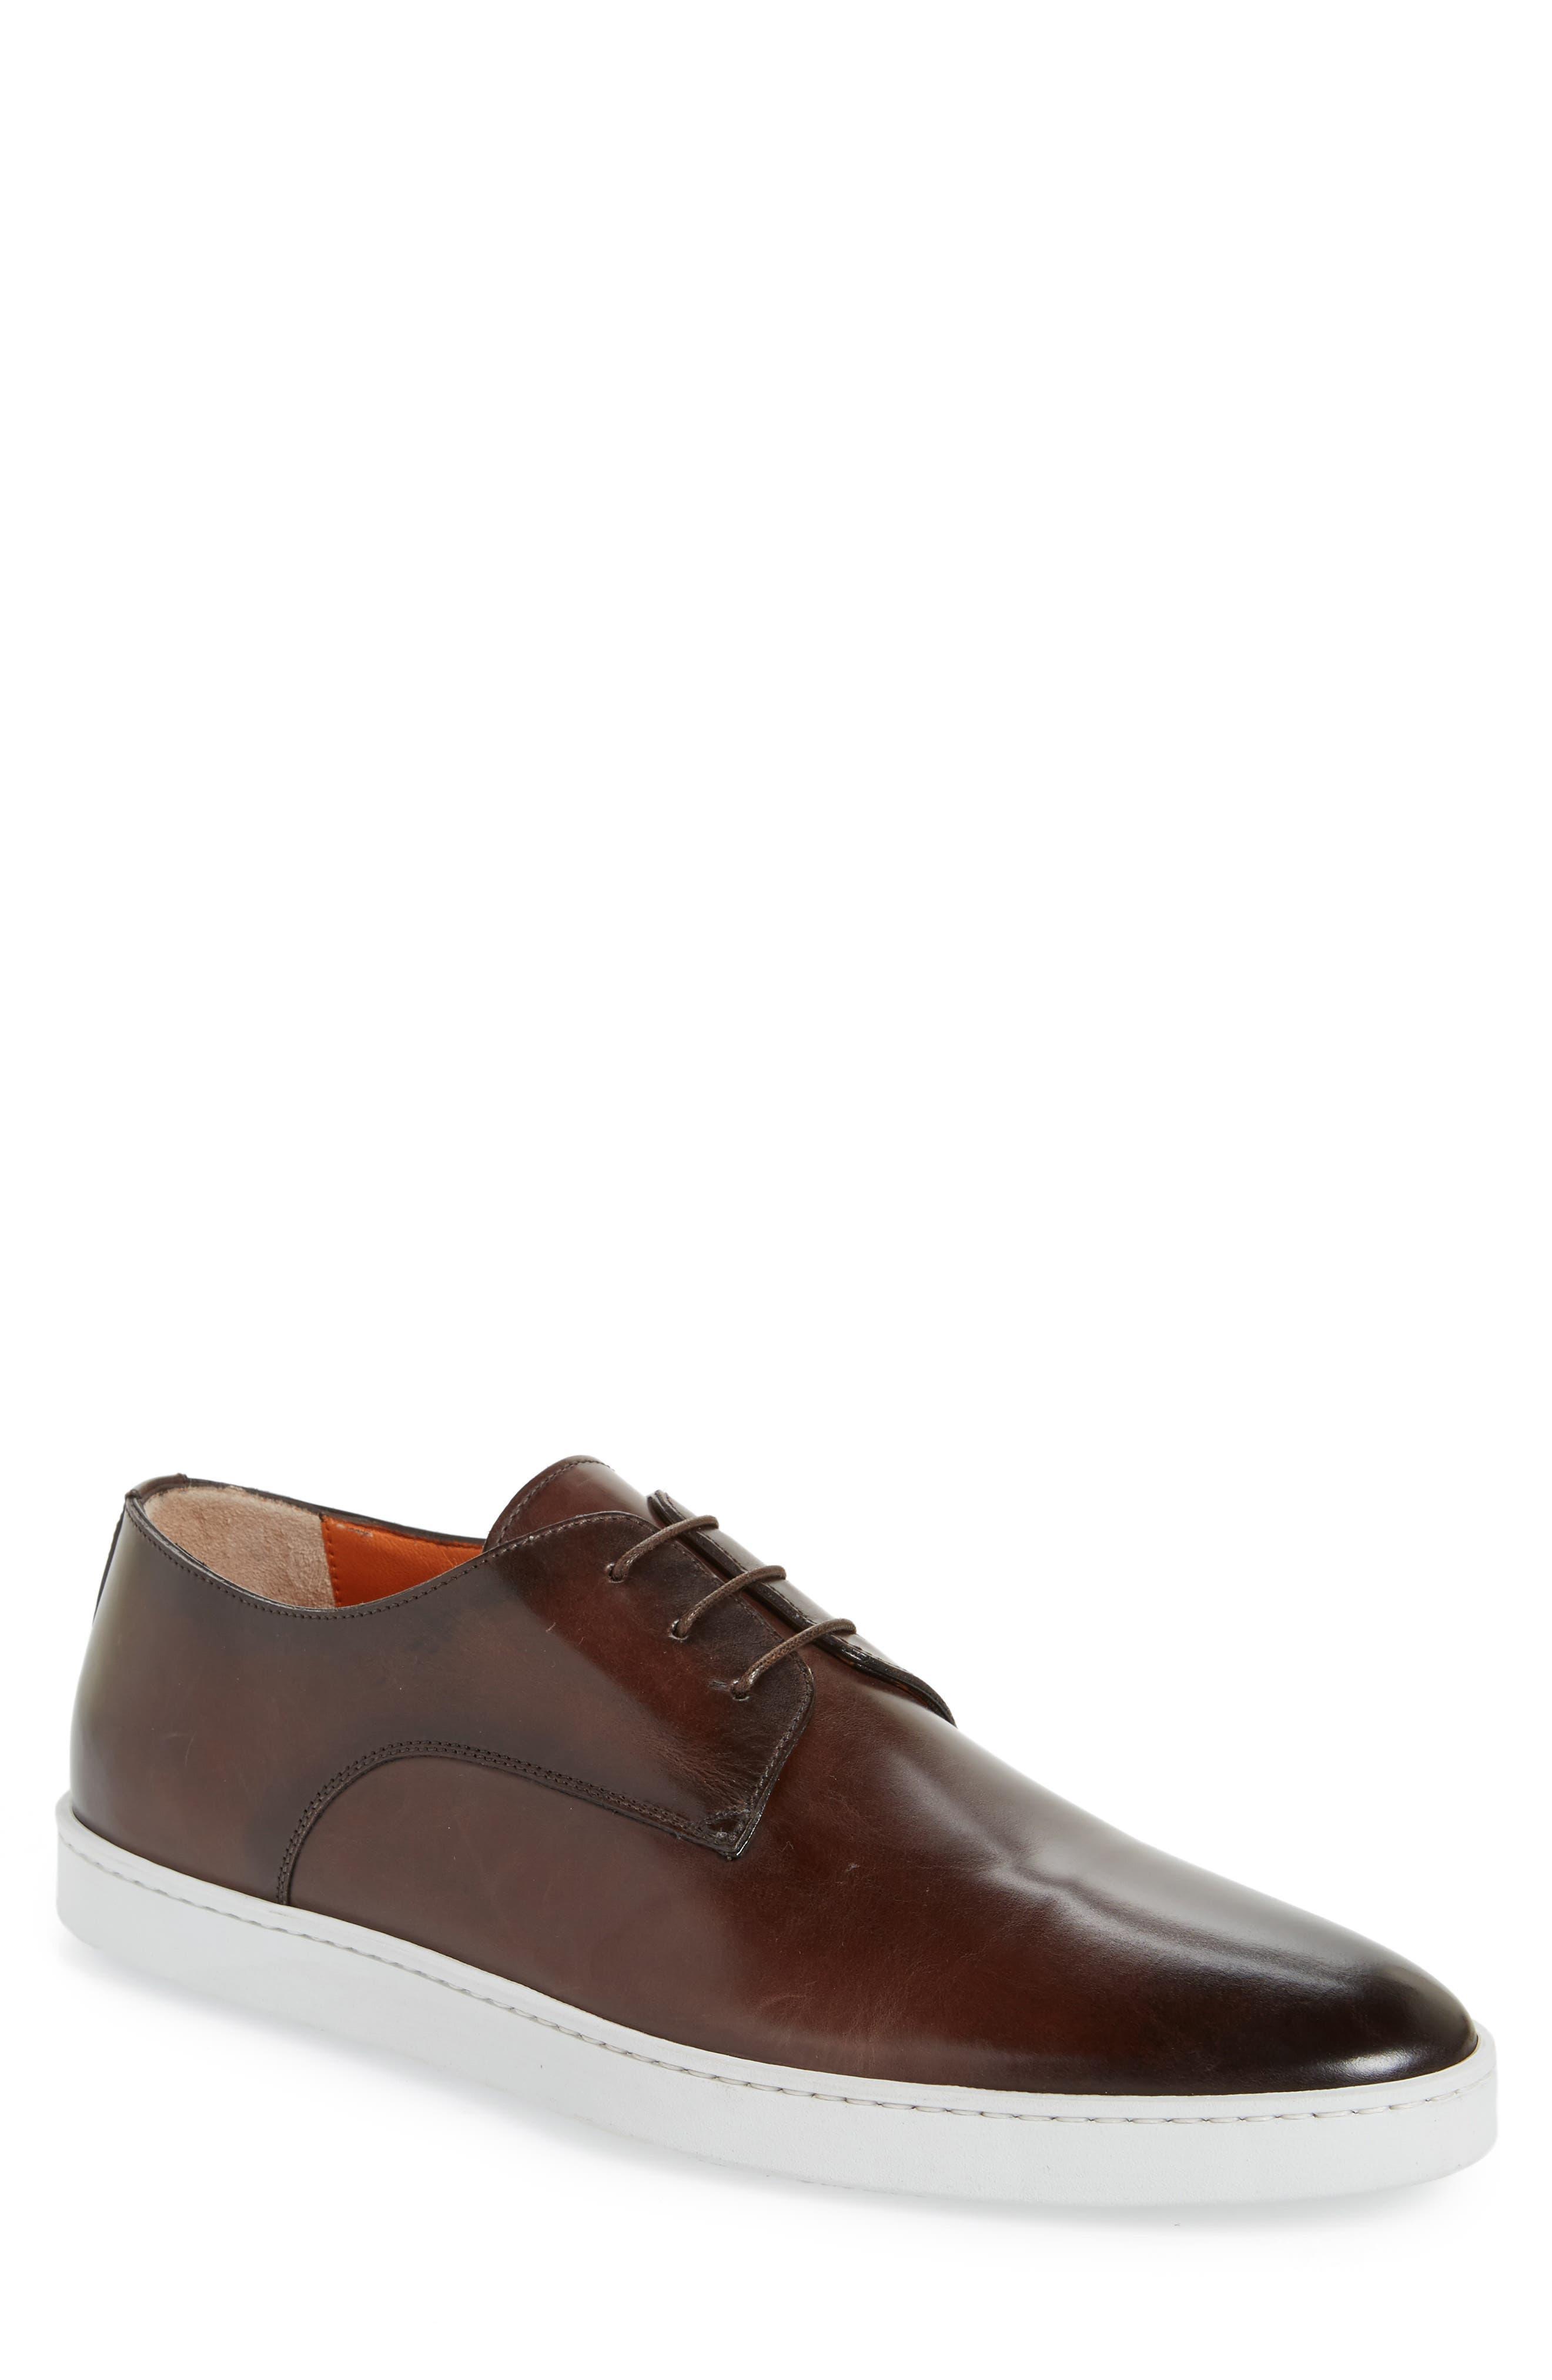 Sole Eldon Shoes Brown  WVTM9F3RP